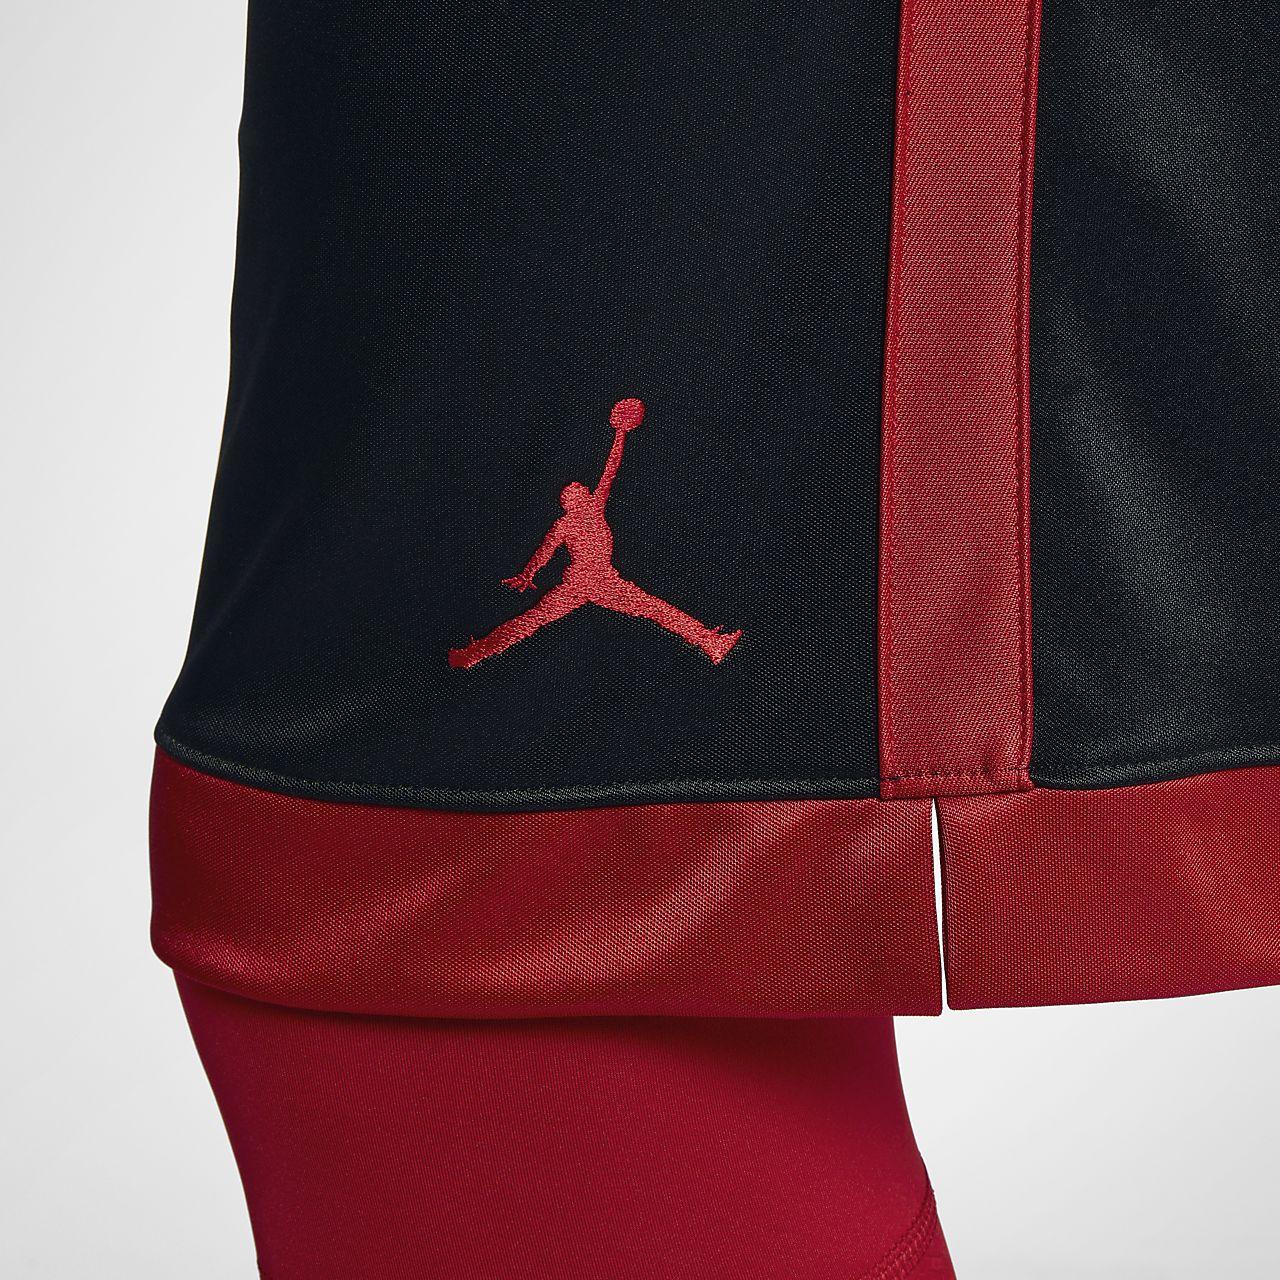 c13cb92ae8b2 Clothing